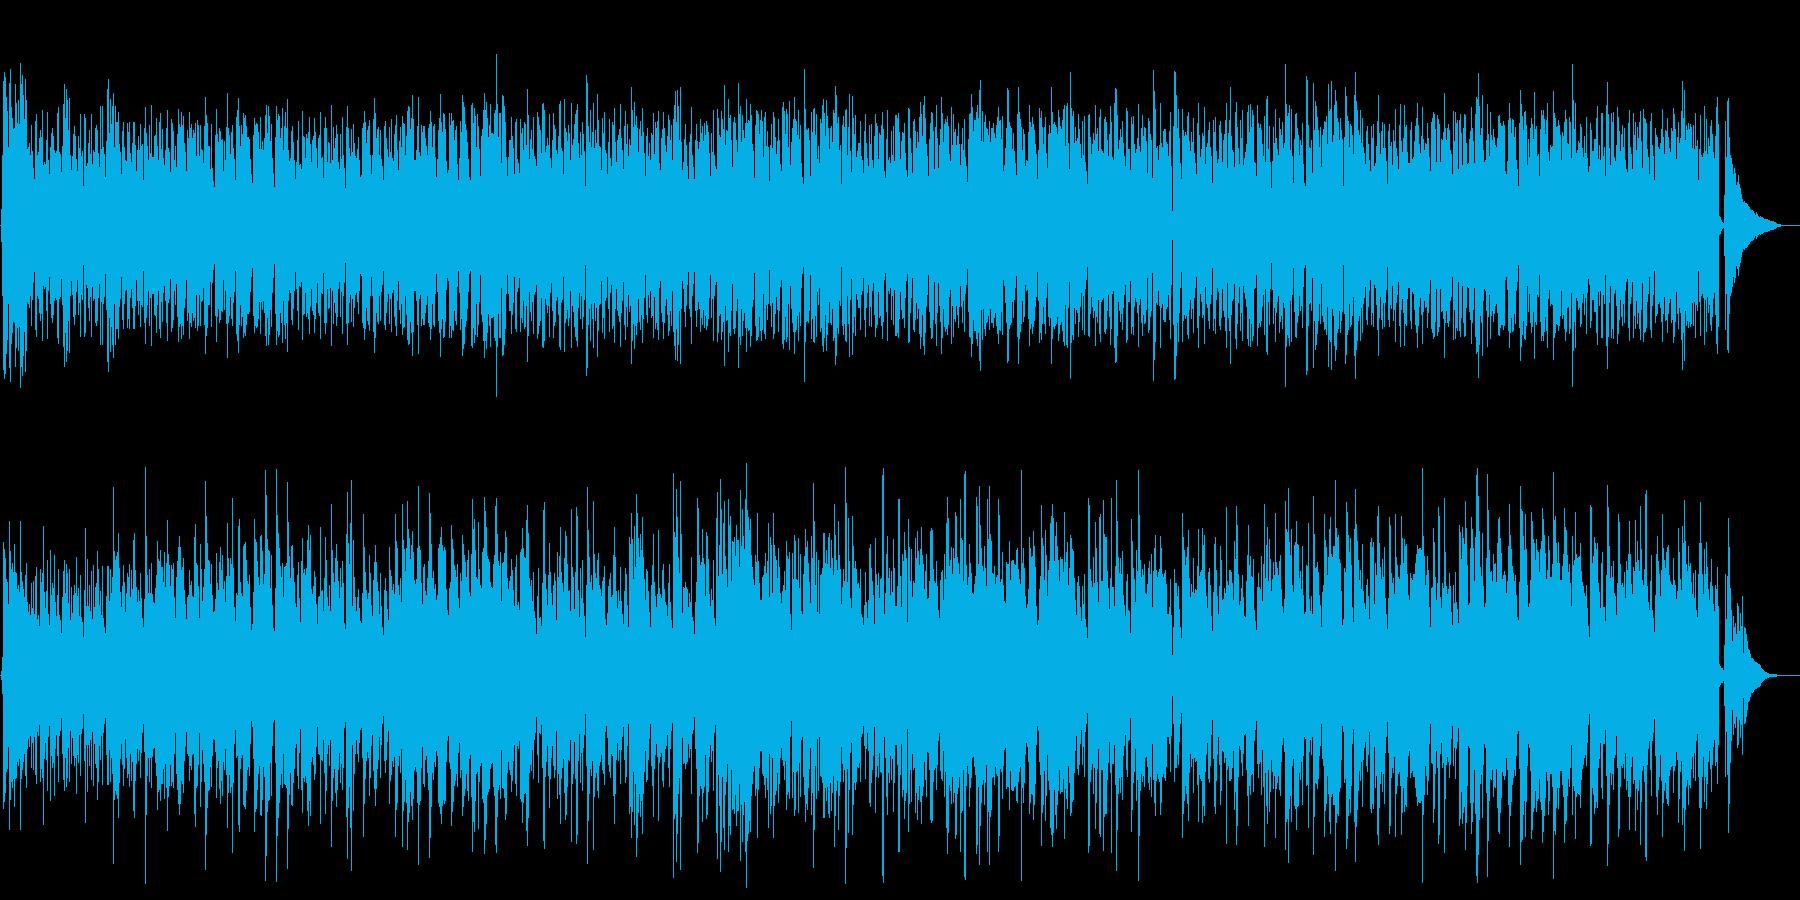 「タイス」の瞑想曲 ボサノバアレンジの再生済みの波形